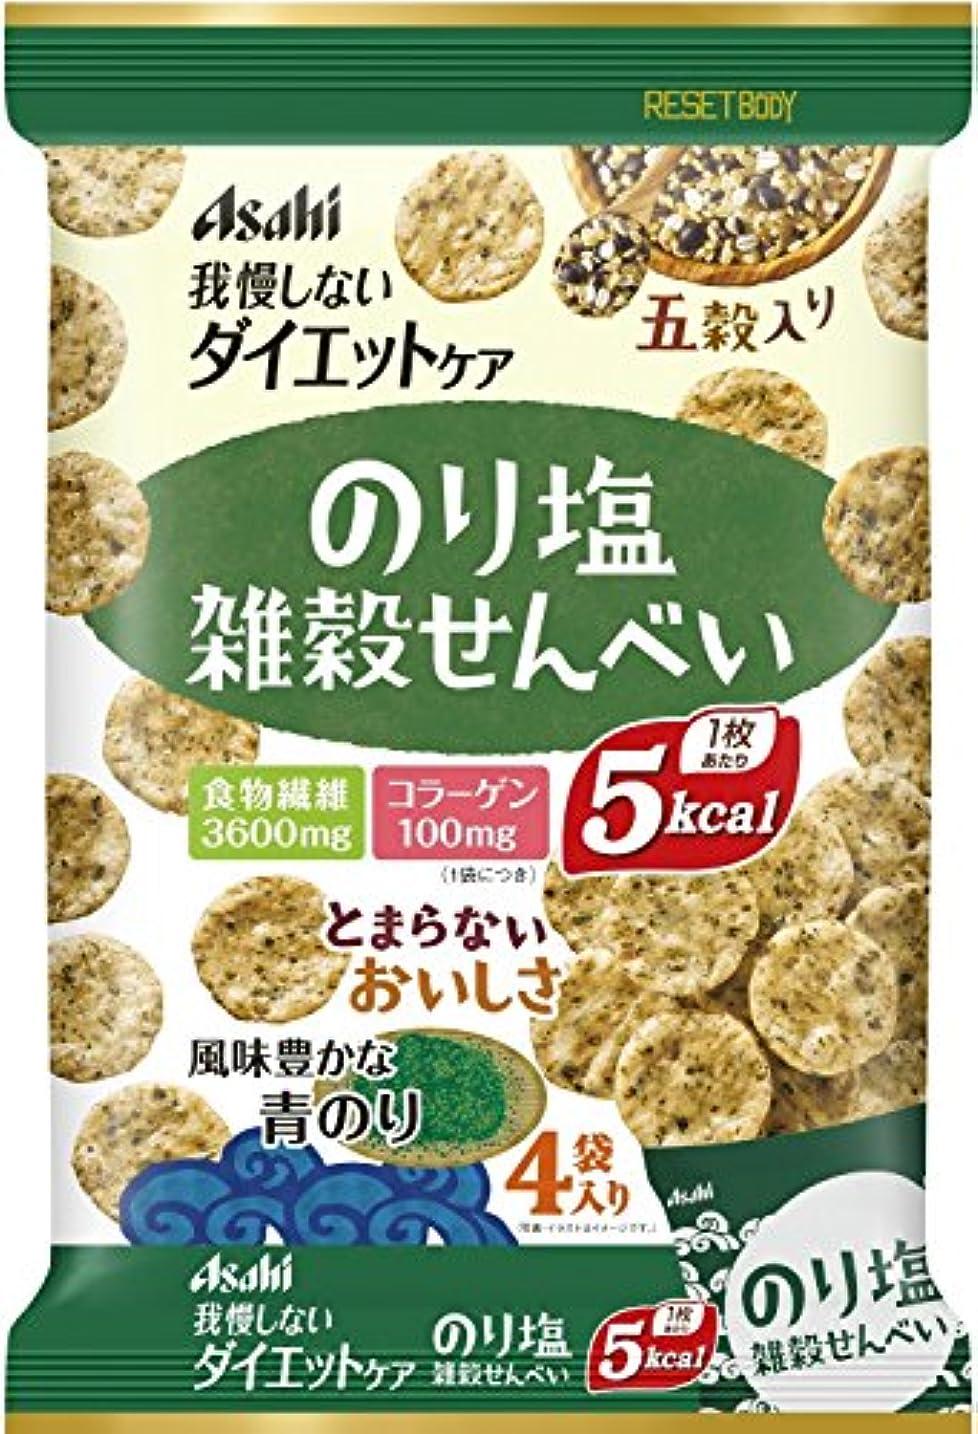 小学生圧力悪行リセットボディ 雑穀せんべい のり塩味 88g(22g×4袋)